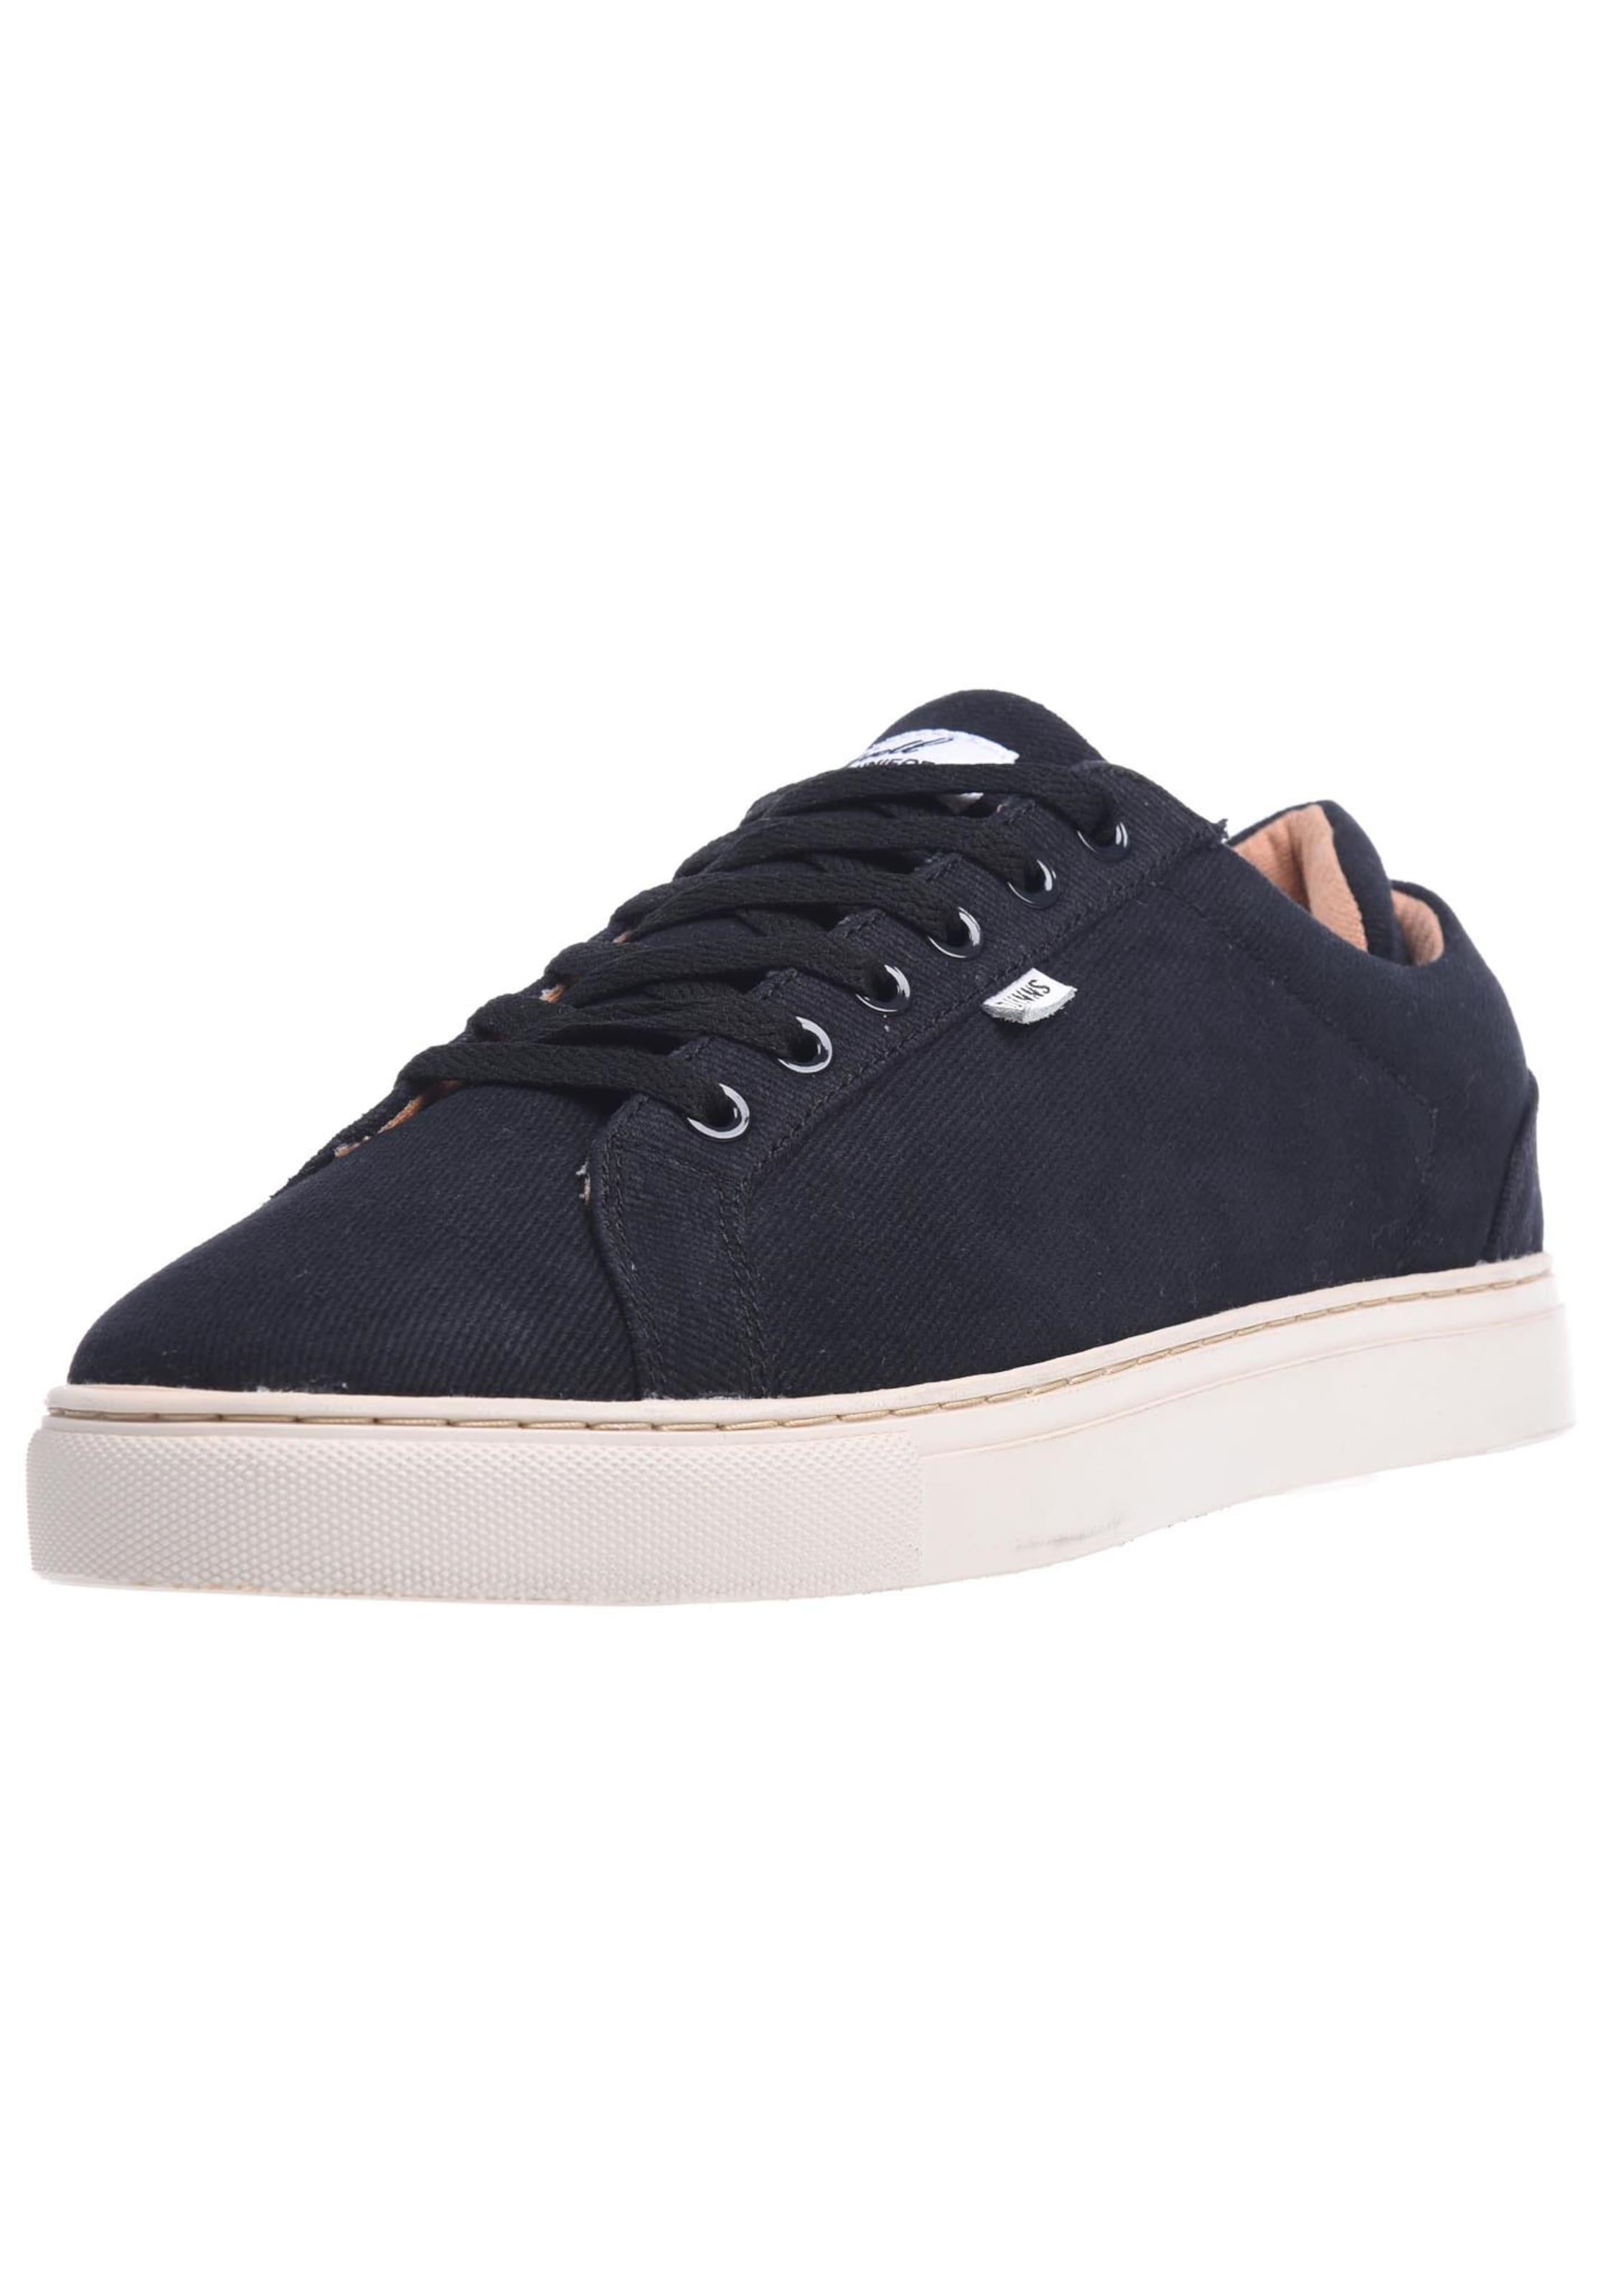 Djinn's Schuhe Textil Bequem, gut aussehend aussehend aussehend bef27a